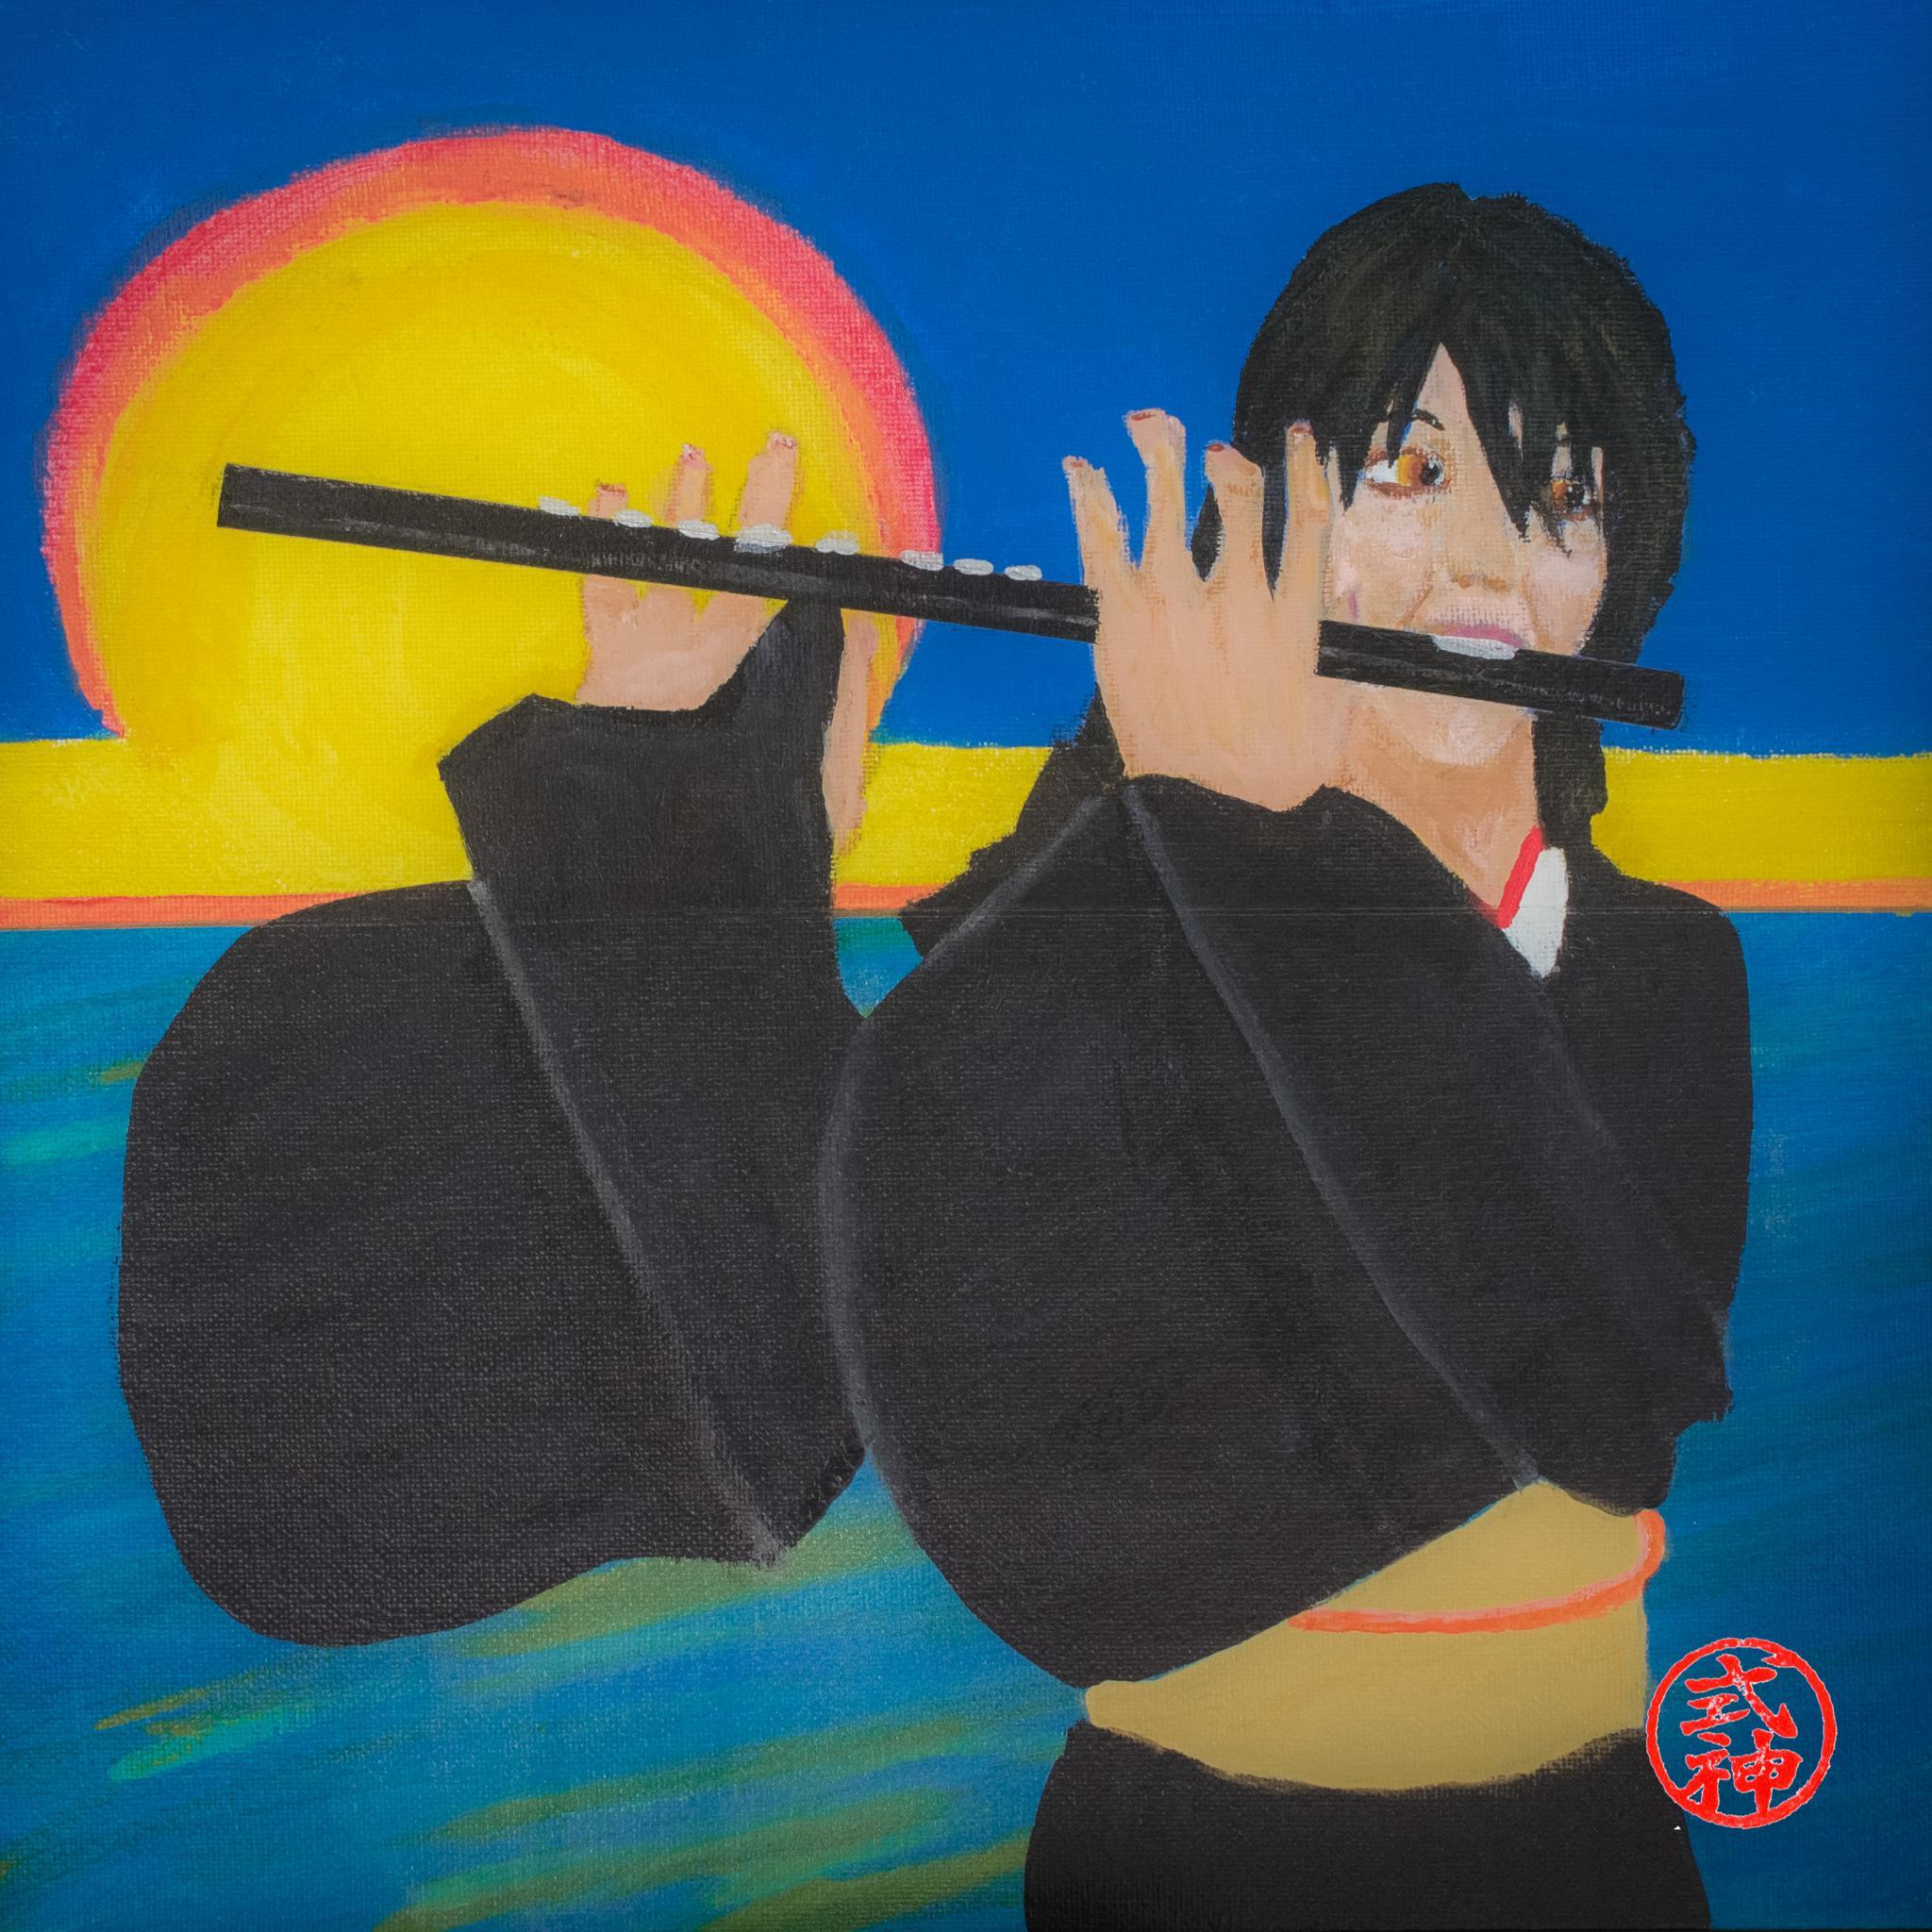 Untitled by Oshi Shikigami